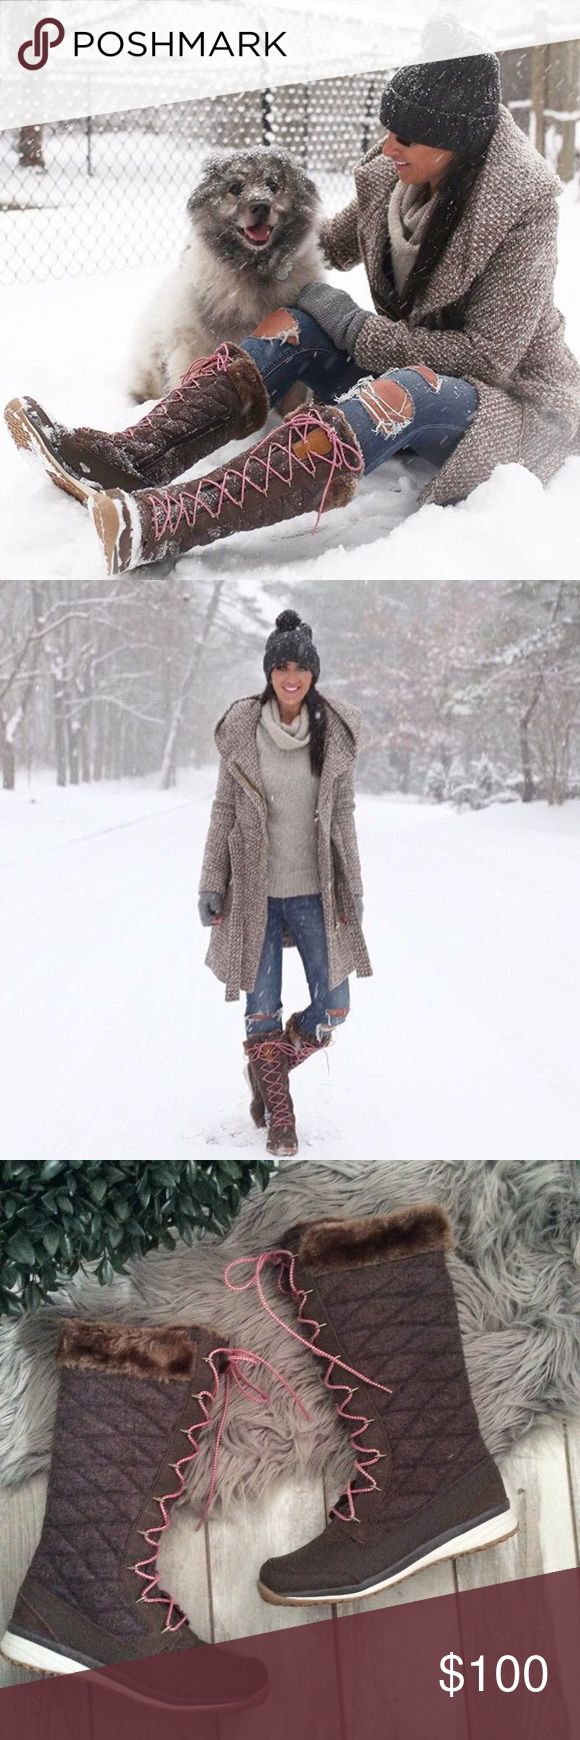 Salomon Snow Boots Faux Fur Size 9 Worn once Salomon Shoes Winter & Rain Boots